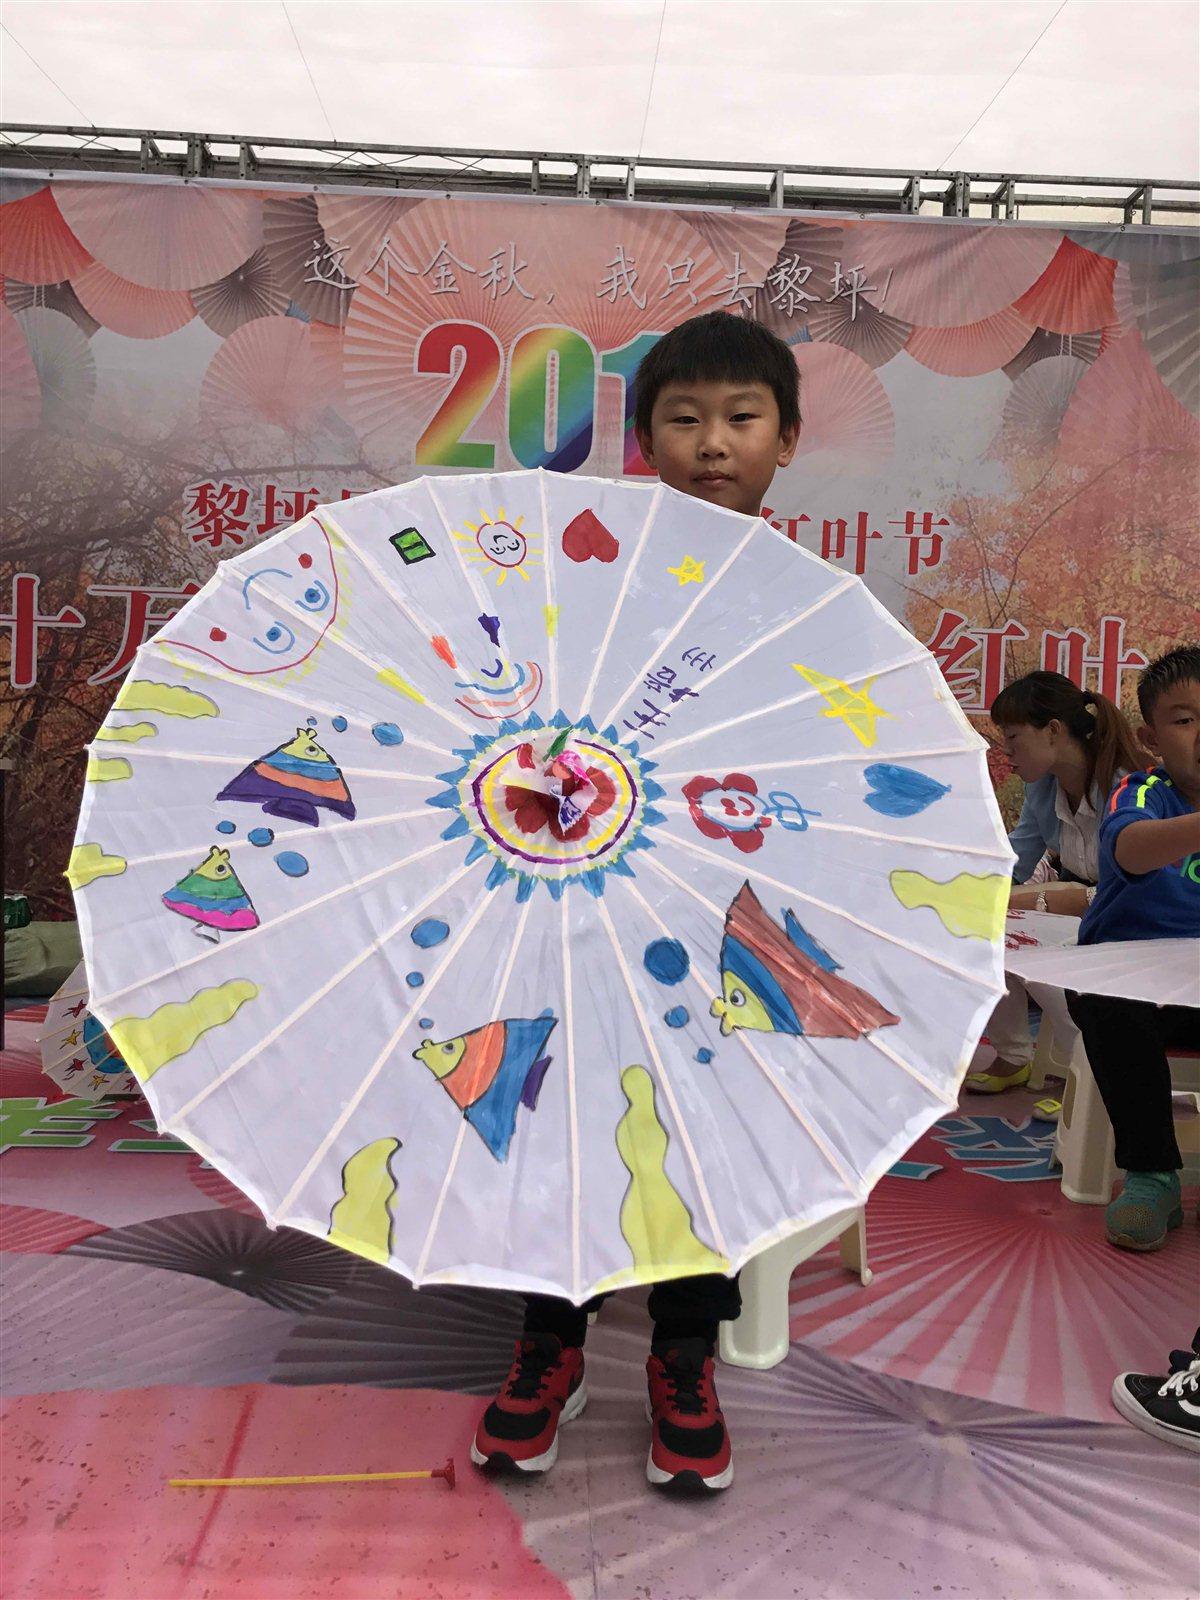 diy洋傘,畫畫,曬照,贏大獎!_漢中在線